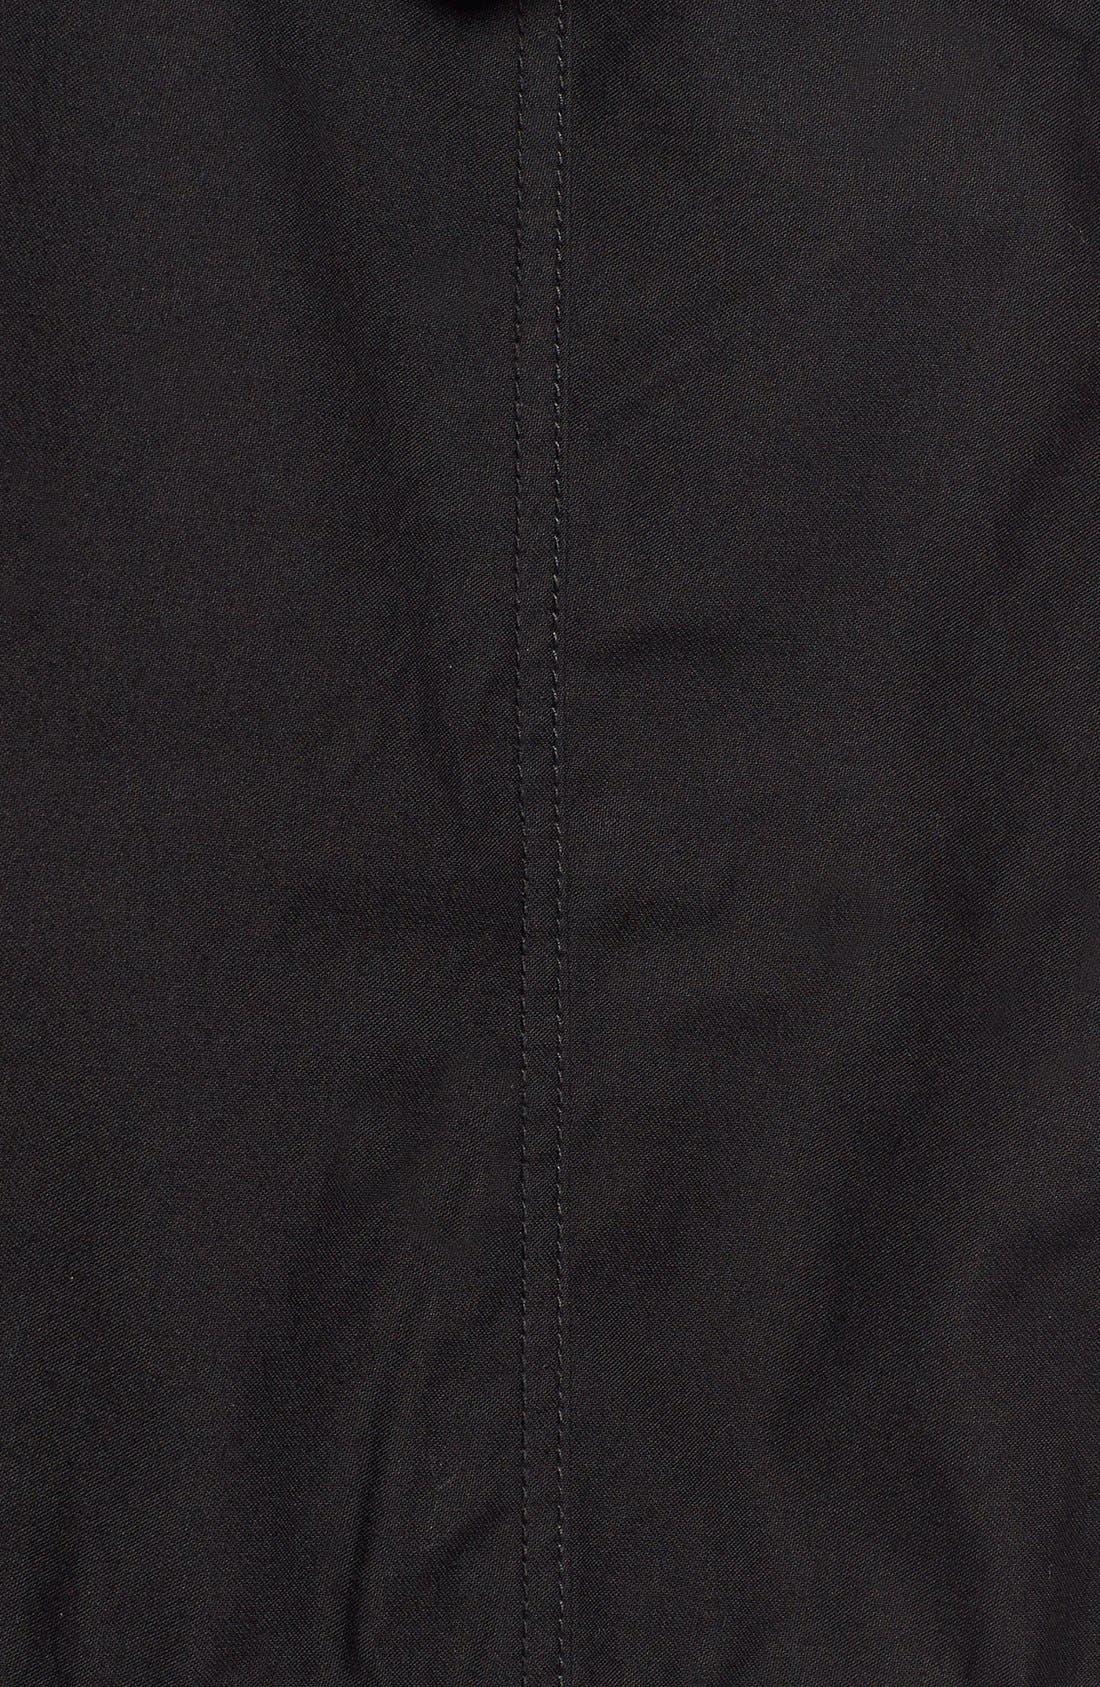 'M-59' Hooded Fishtail Parka,                             Alternate thumbnail 6, color,                             Black